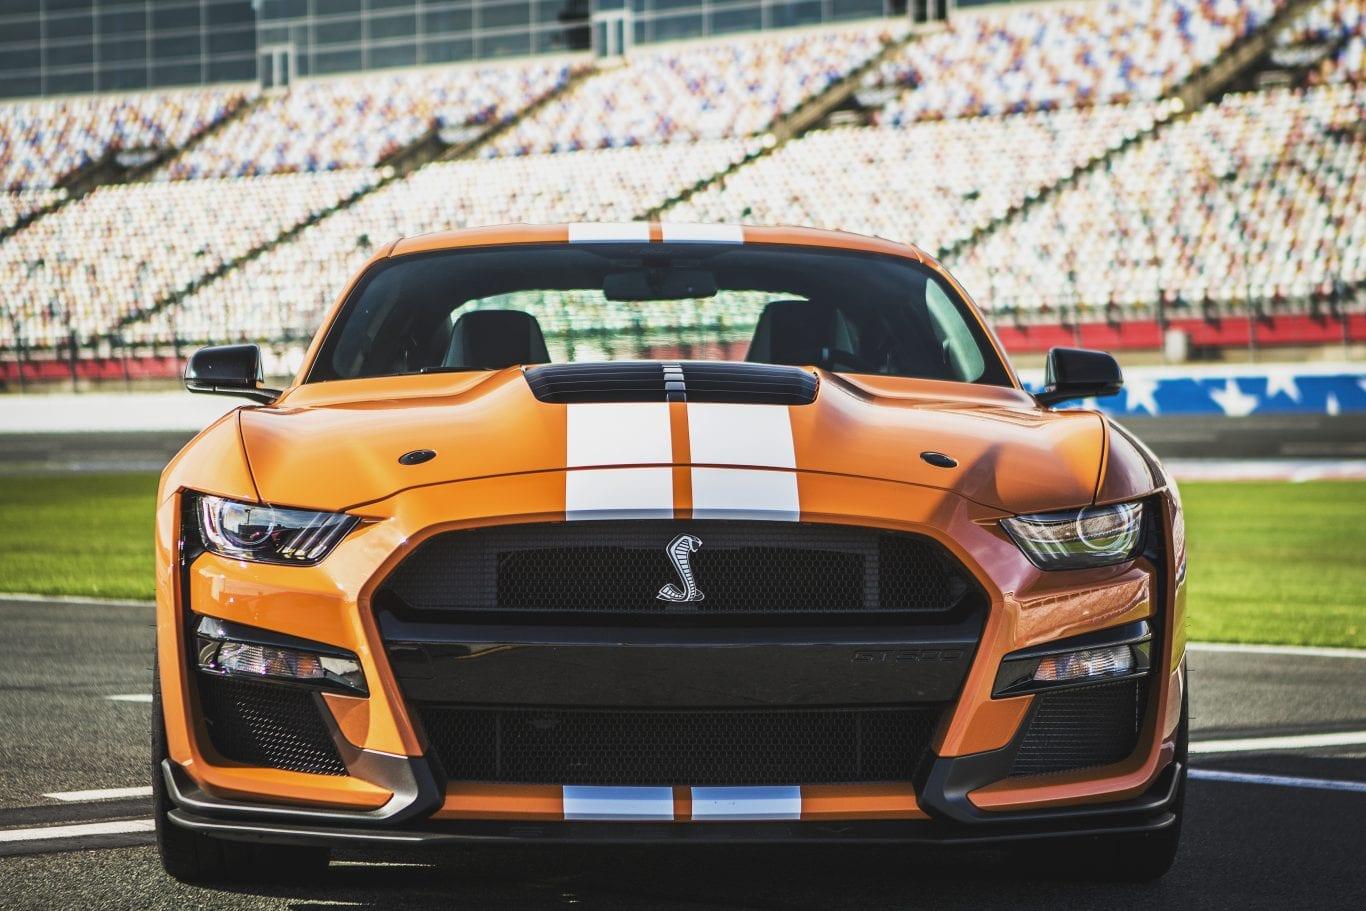 Ford Mustang Mach 1: Limitiert, stark, grau, wirft Fragen auf - Auto Kunz AG